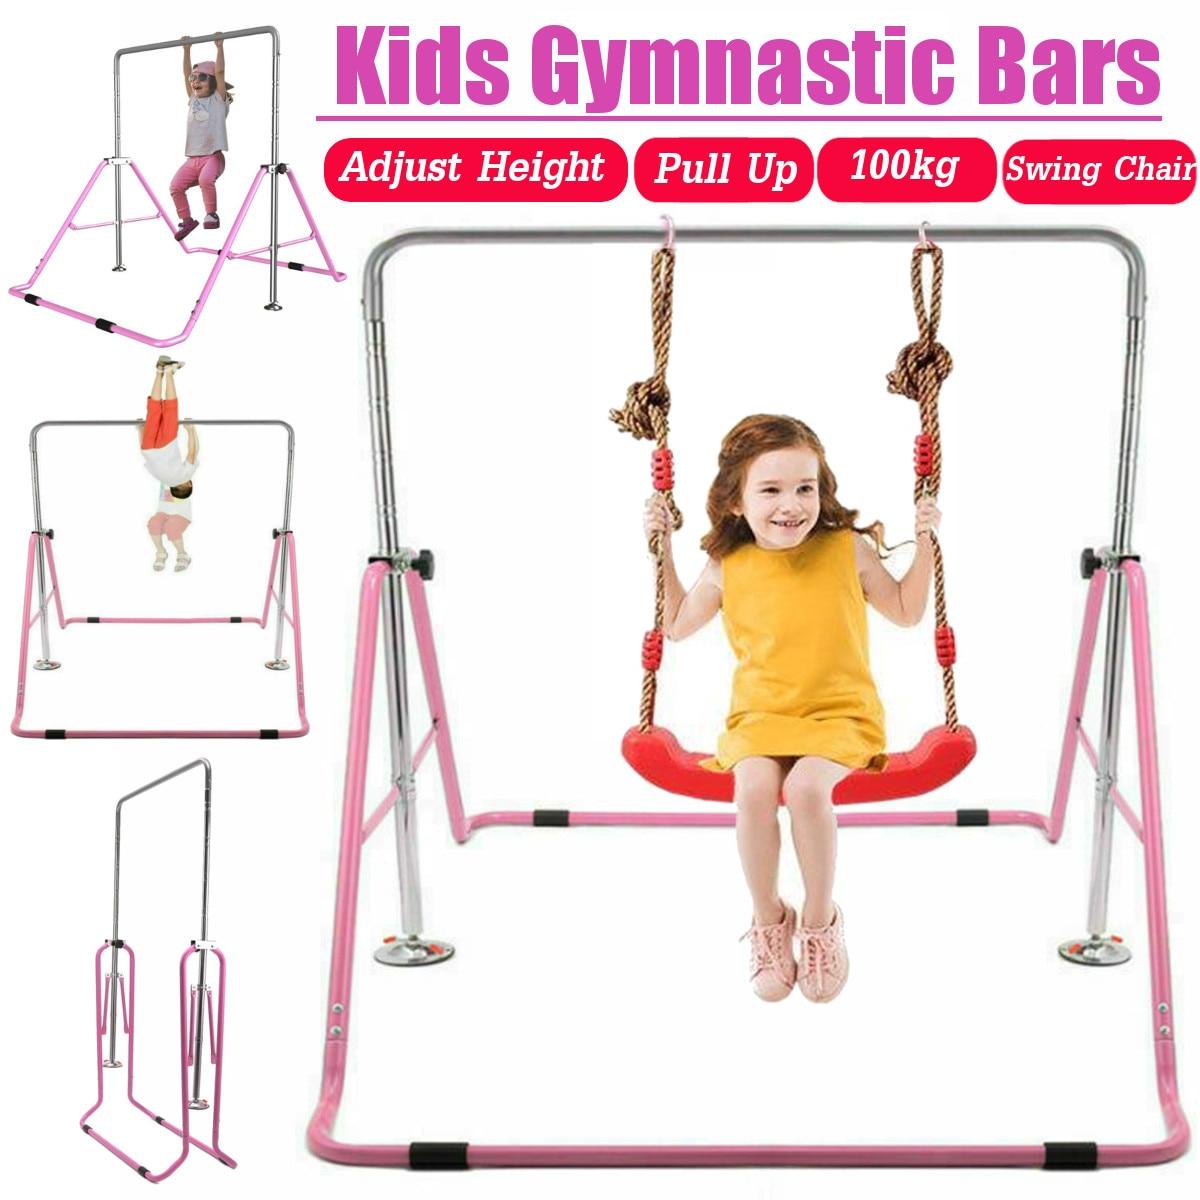 Enfants d'intérieur Barres Horizontales Réglables Ménage Force Musculaire barres De Traction Portable Pliable Enfants Équipement de Conditionnement Physique De gymnastique